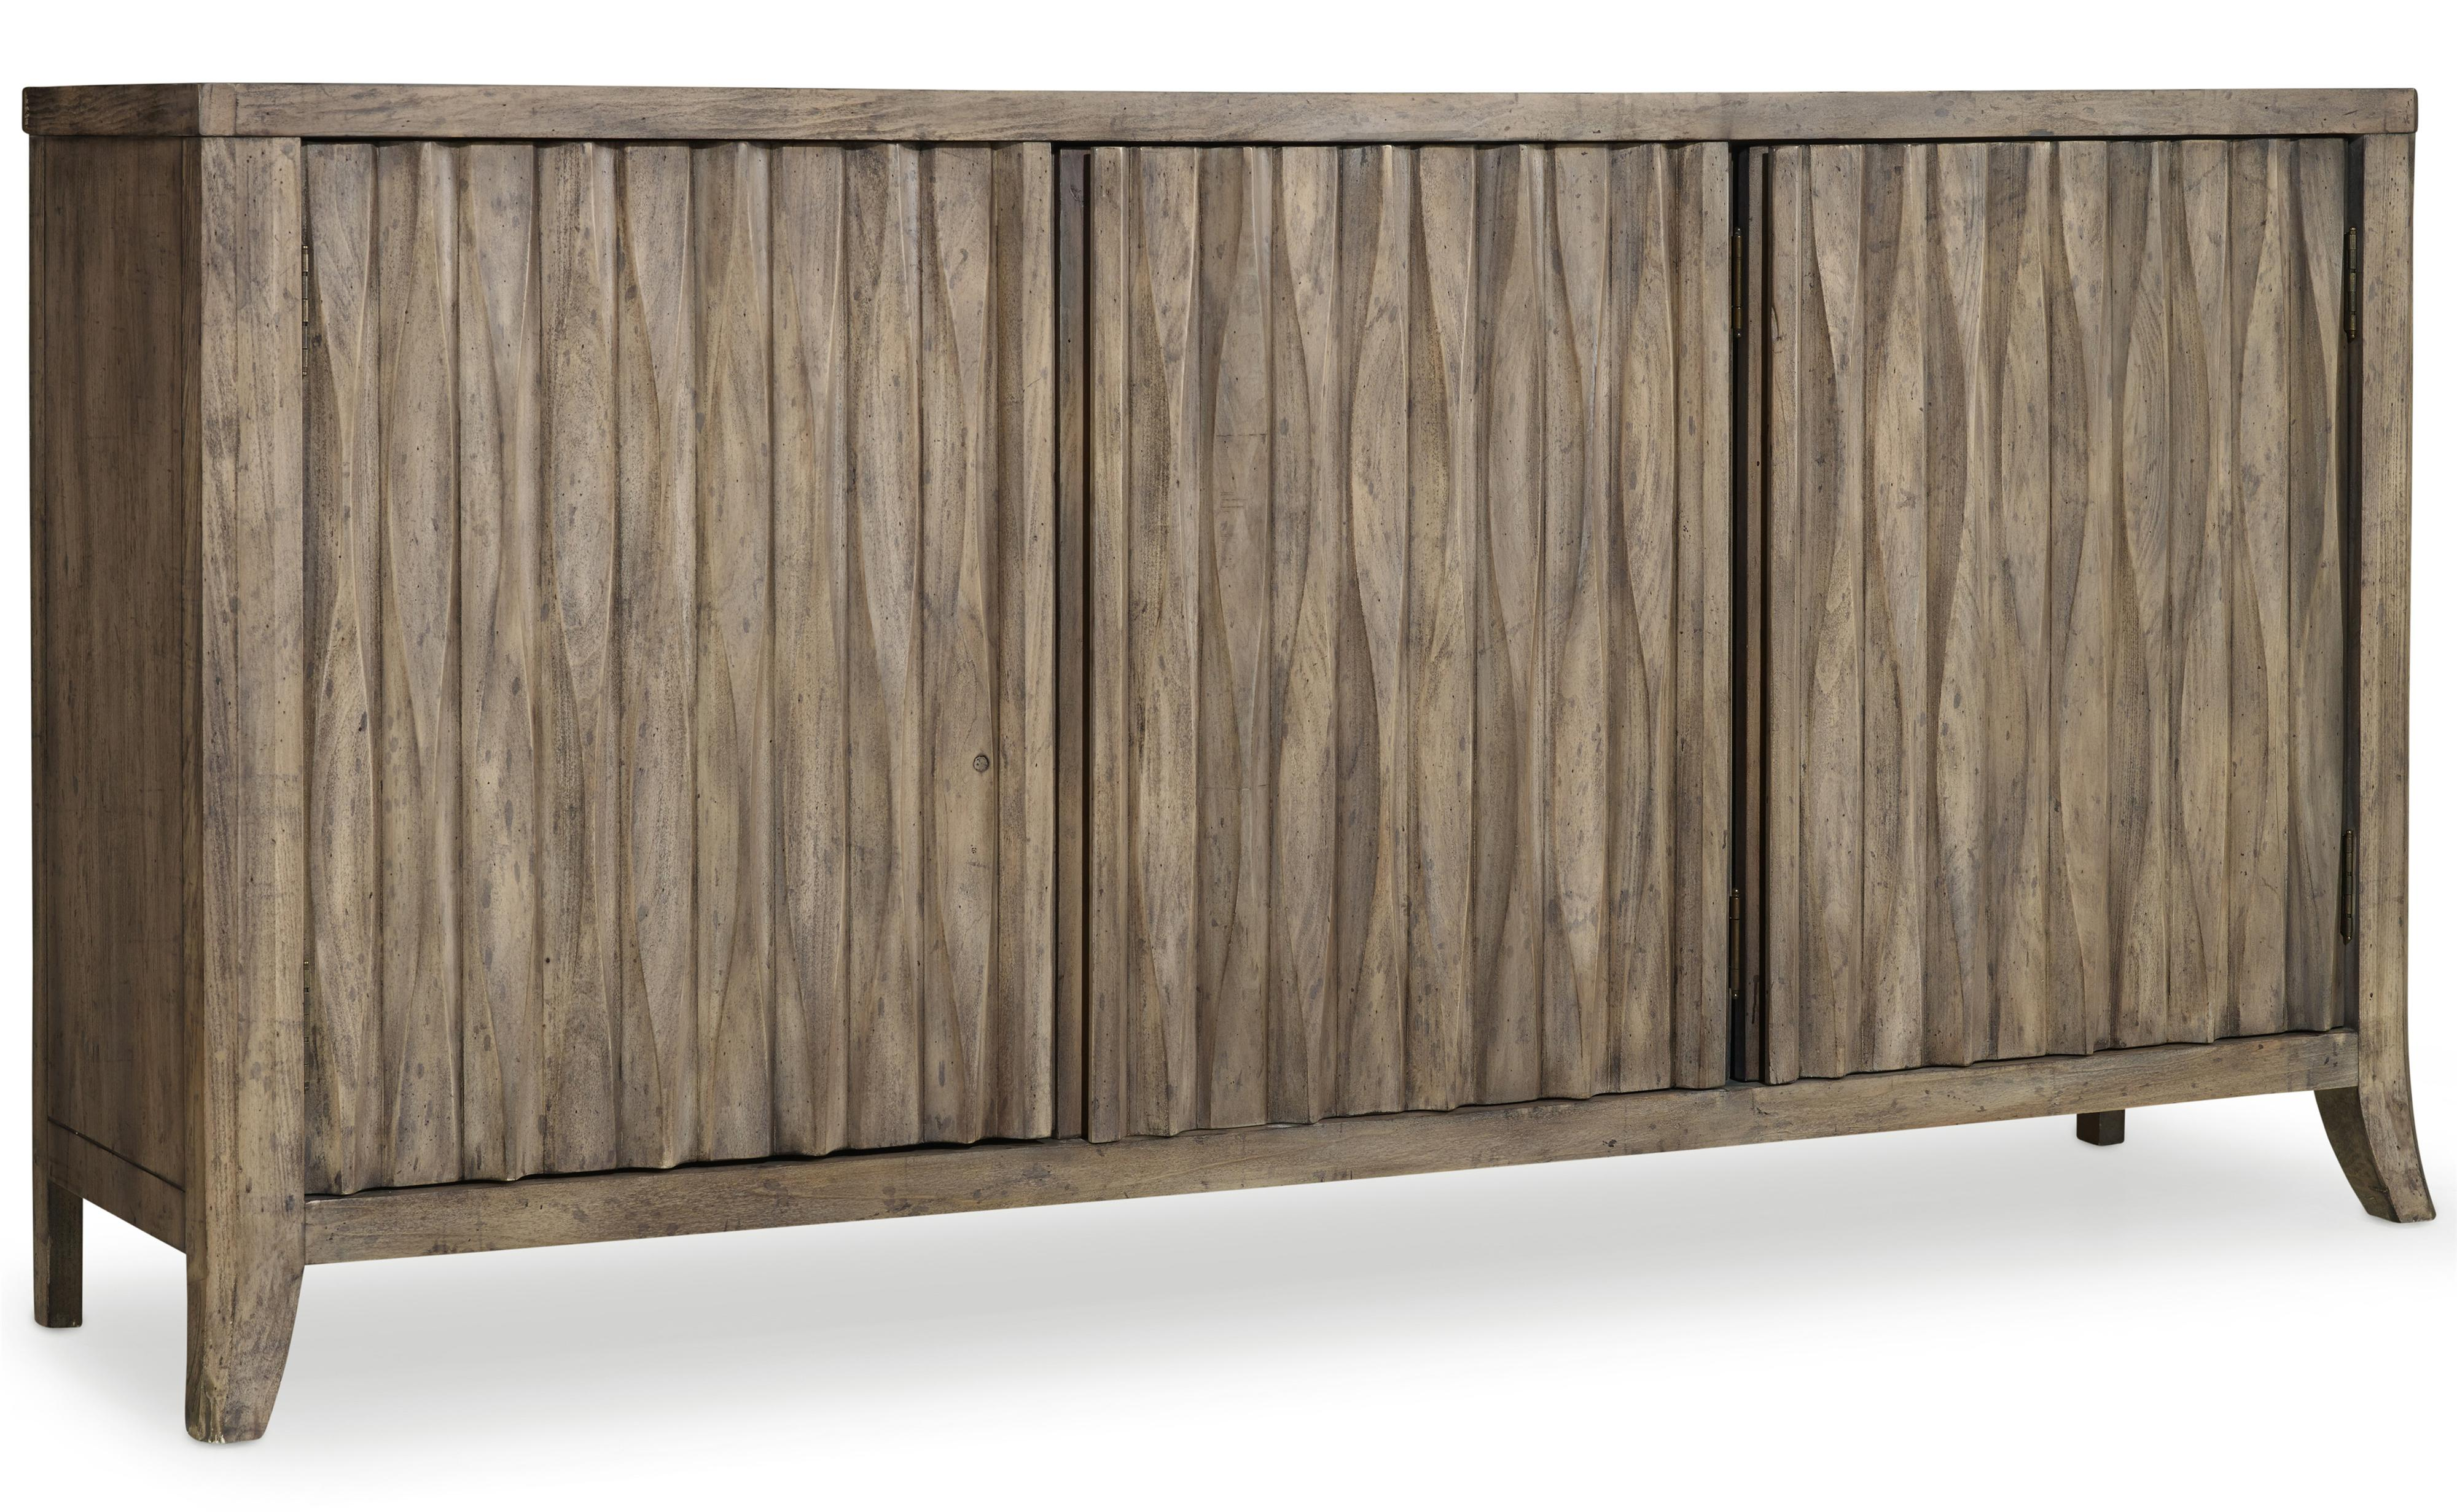 Mélange Kashton Credenza by Hooker Furniture at Stoney Creek Furniture